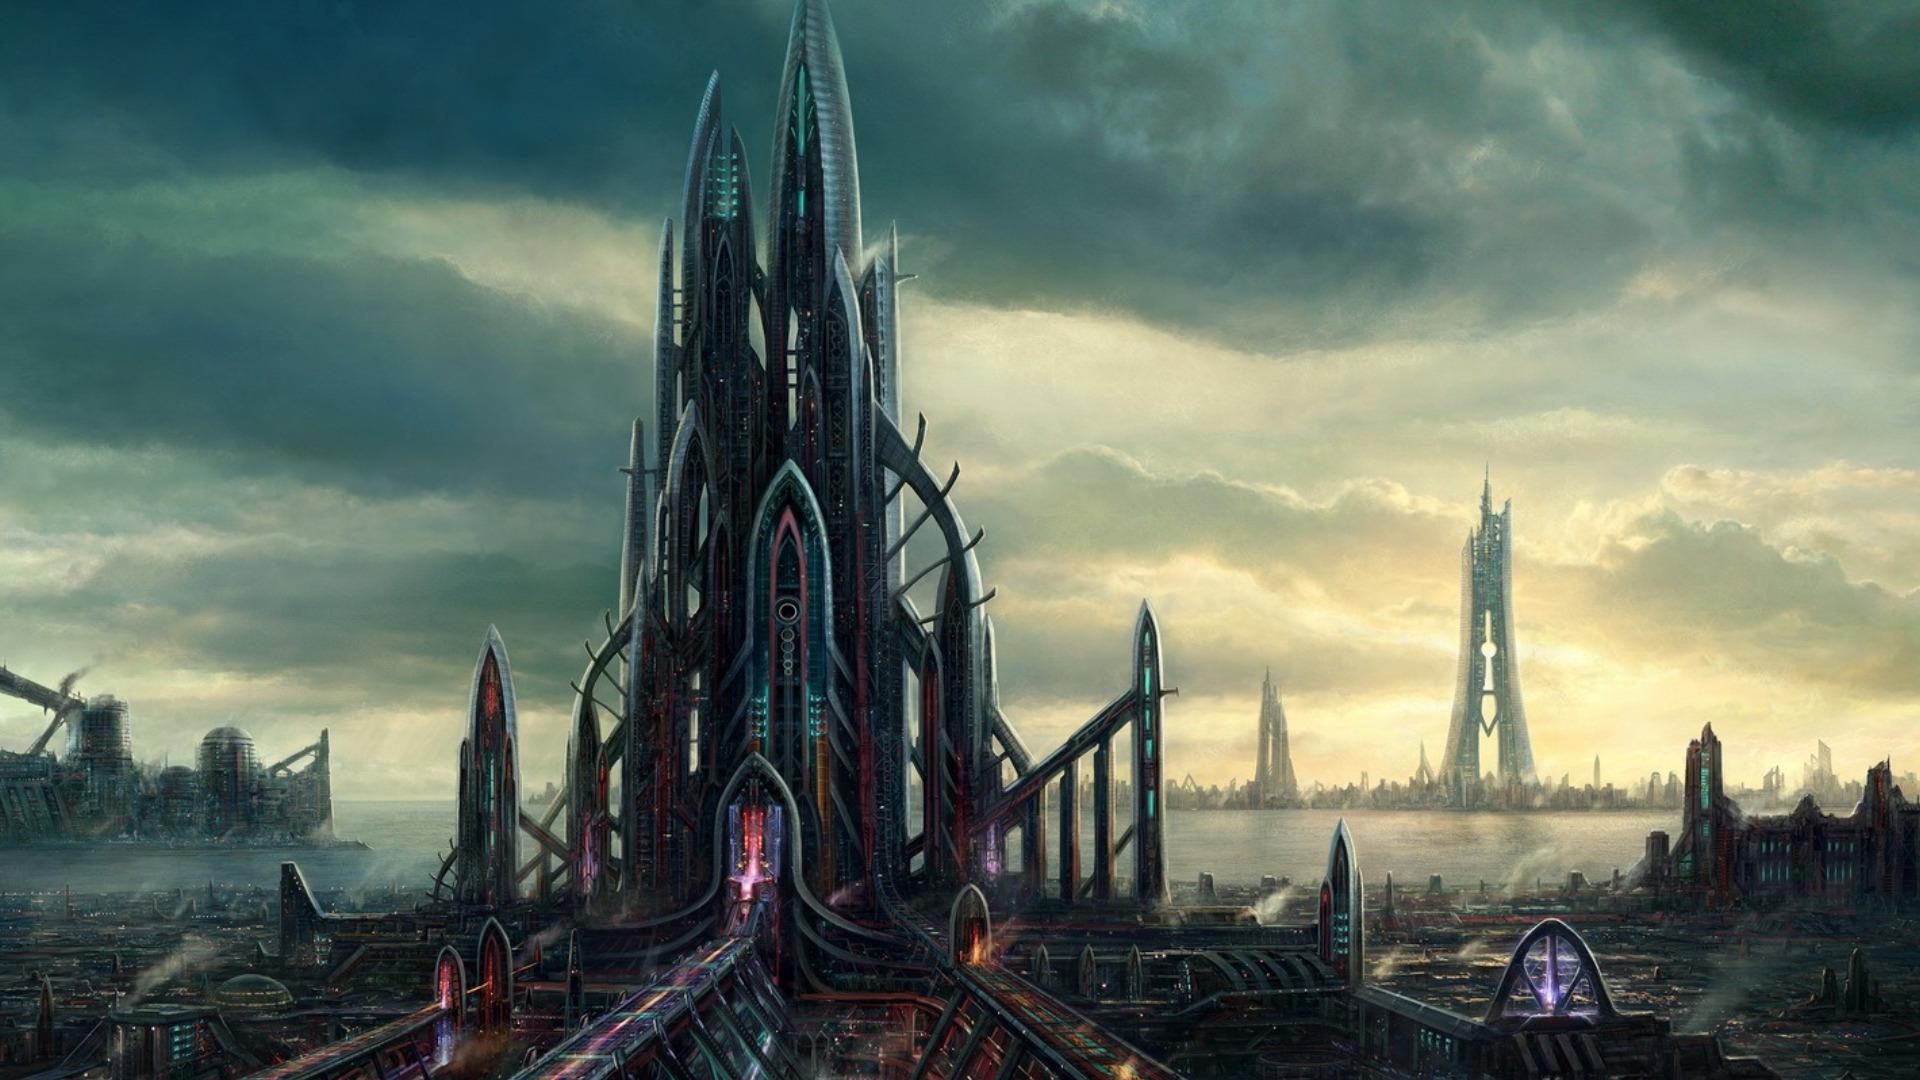 Sci Fi City Wallpapers Wallpapersafari